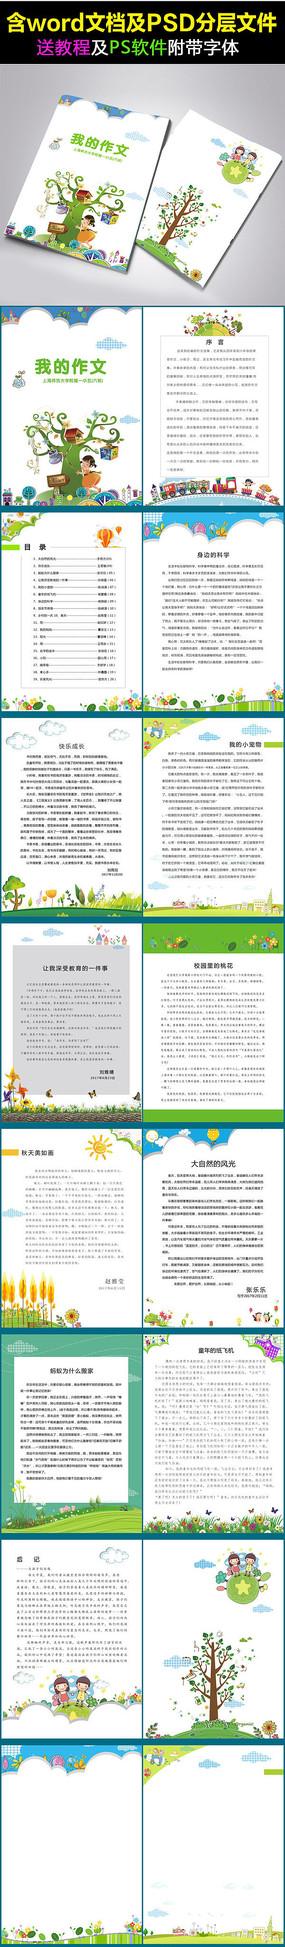 小学生作文集校刊画册设计